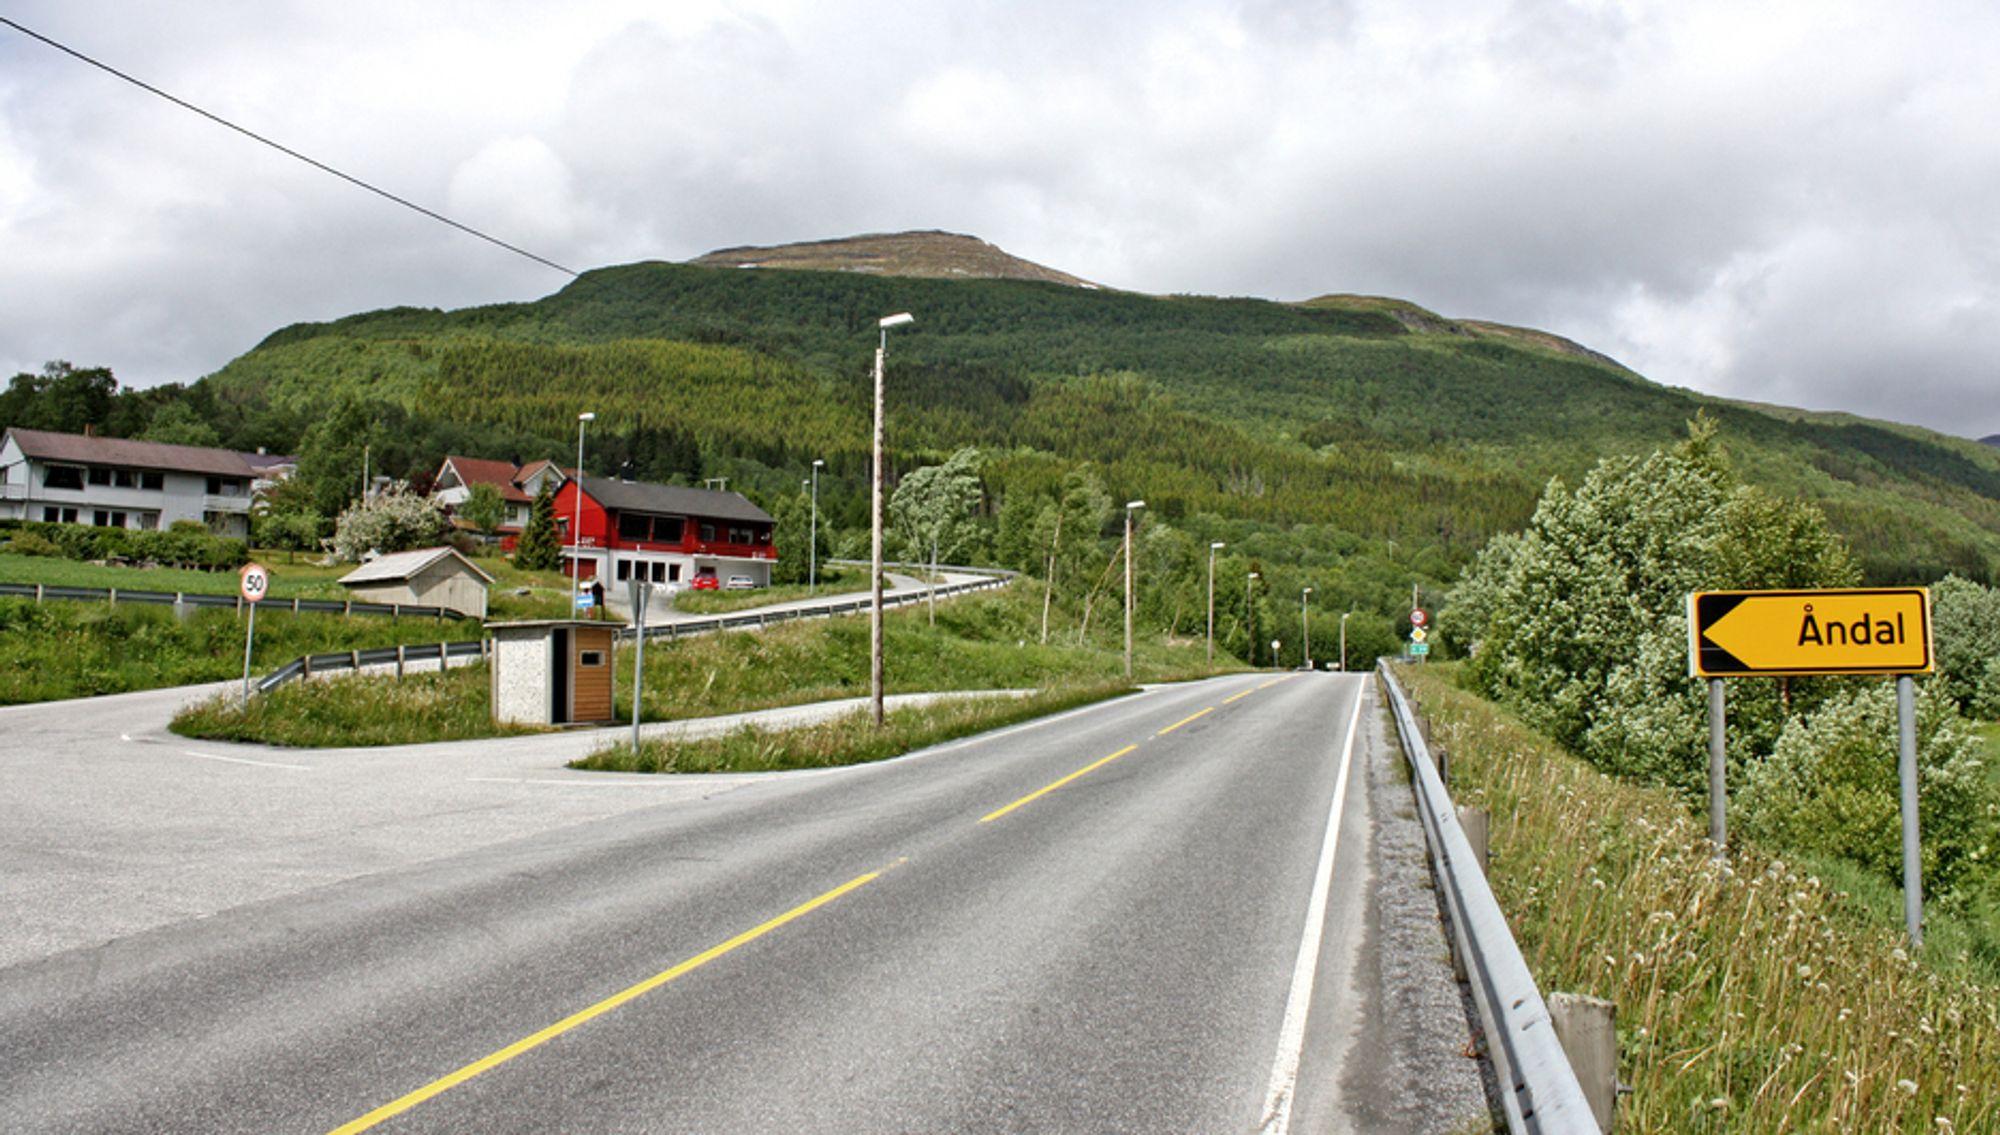 Her på Astad er det ene endepunktet for den 3,3 km lange strekningen i Gjemnes kommune. Vatn Maskinstasjon i nabokommunen Tingvoll leder kampen om kontrakten.